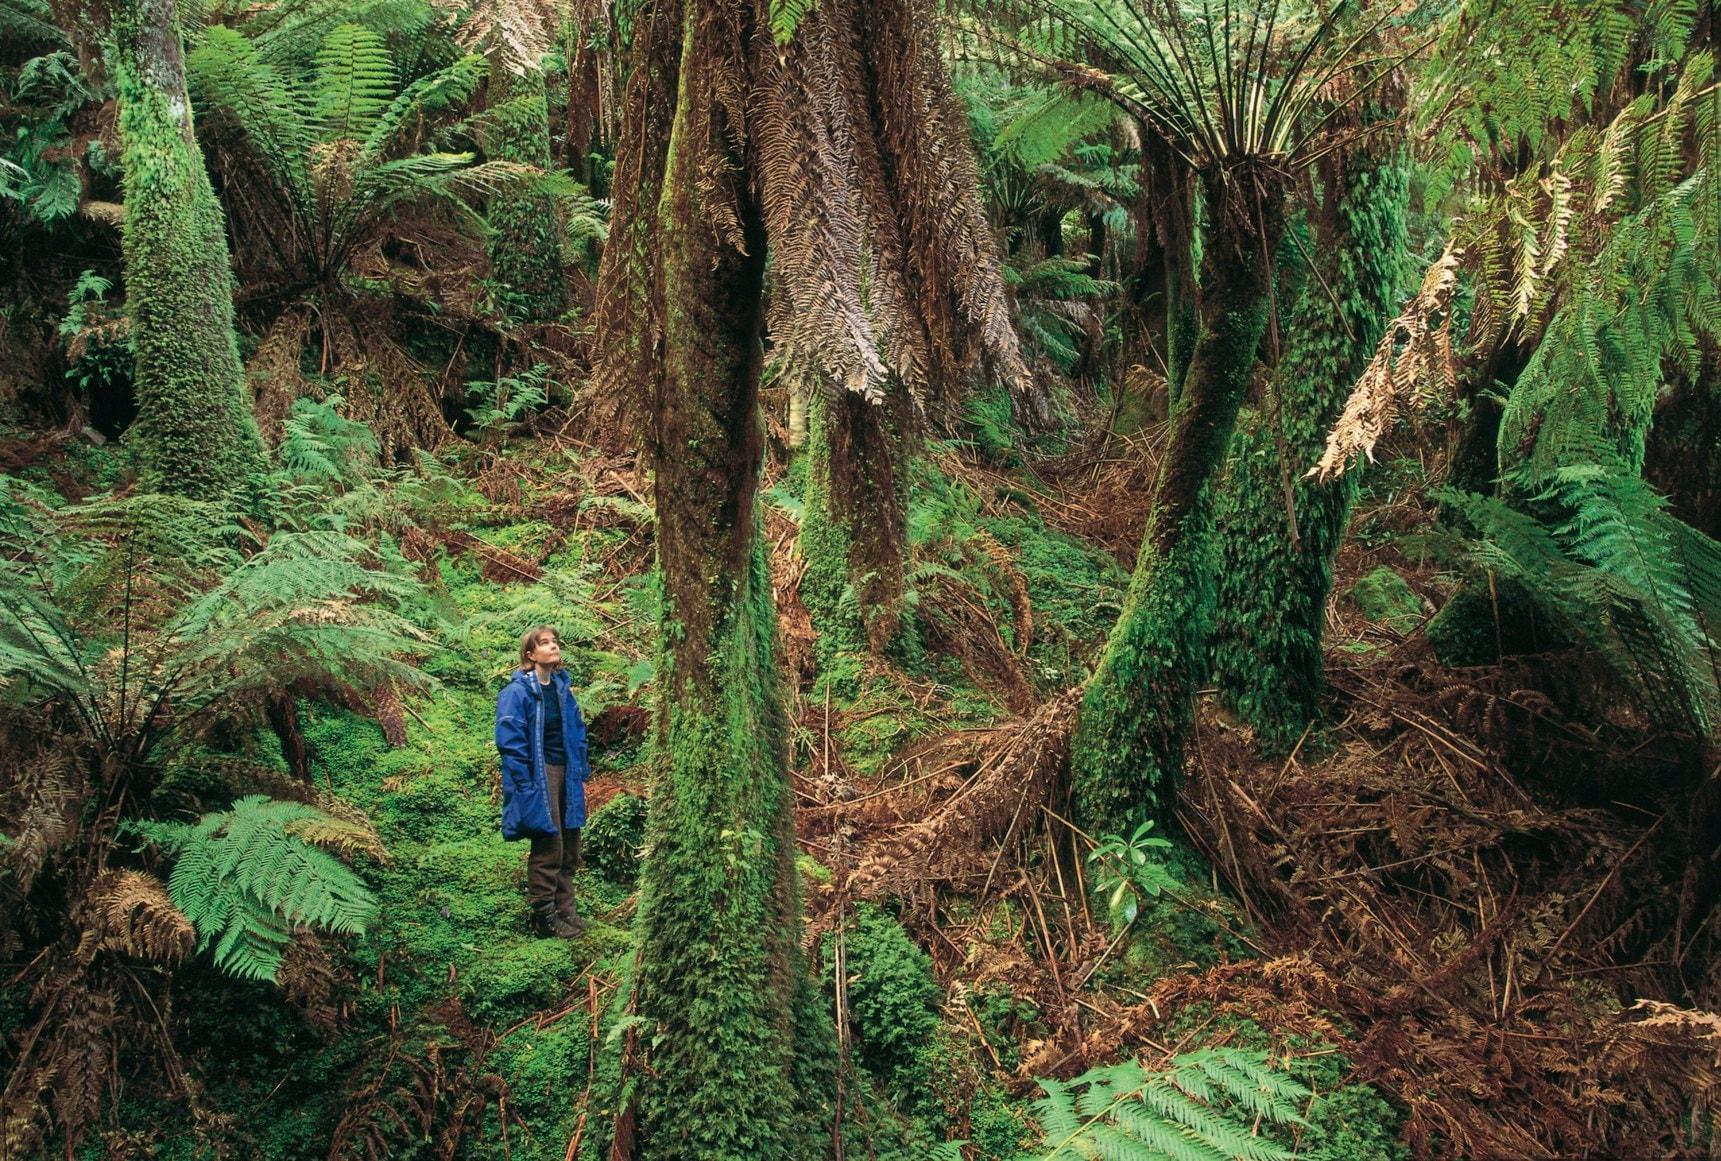 Australia's Rainforests